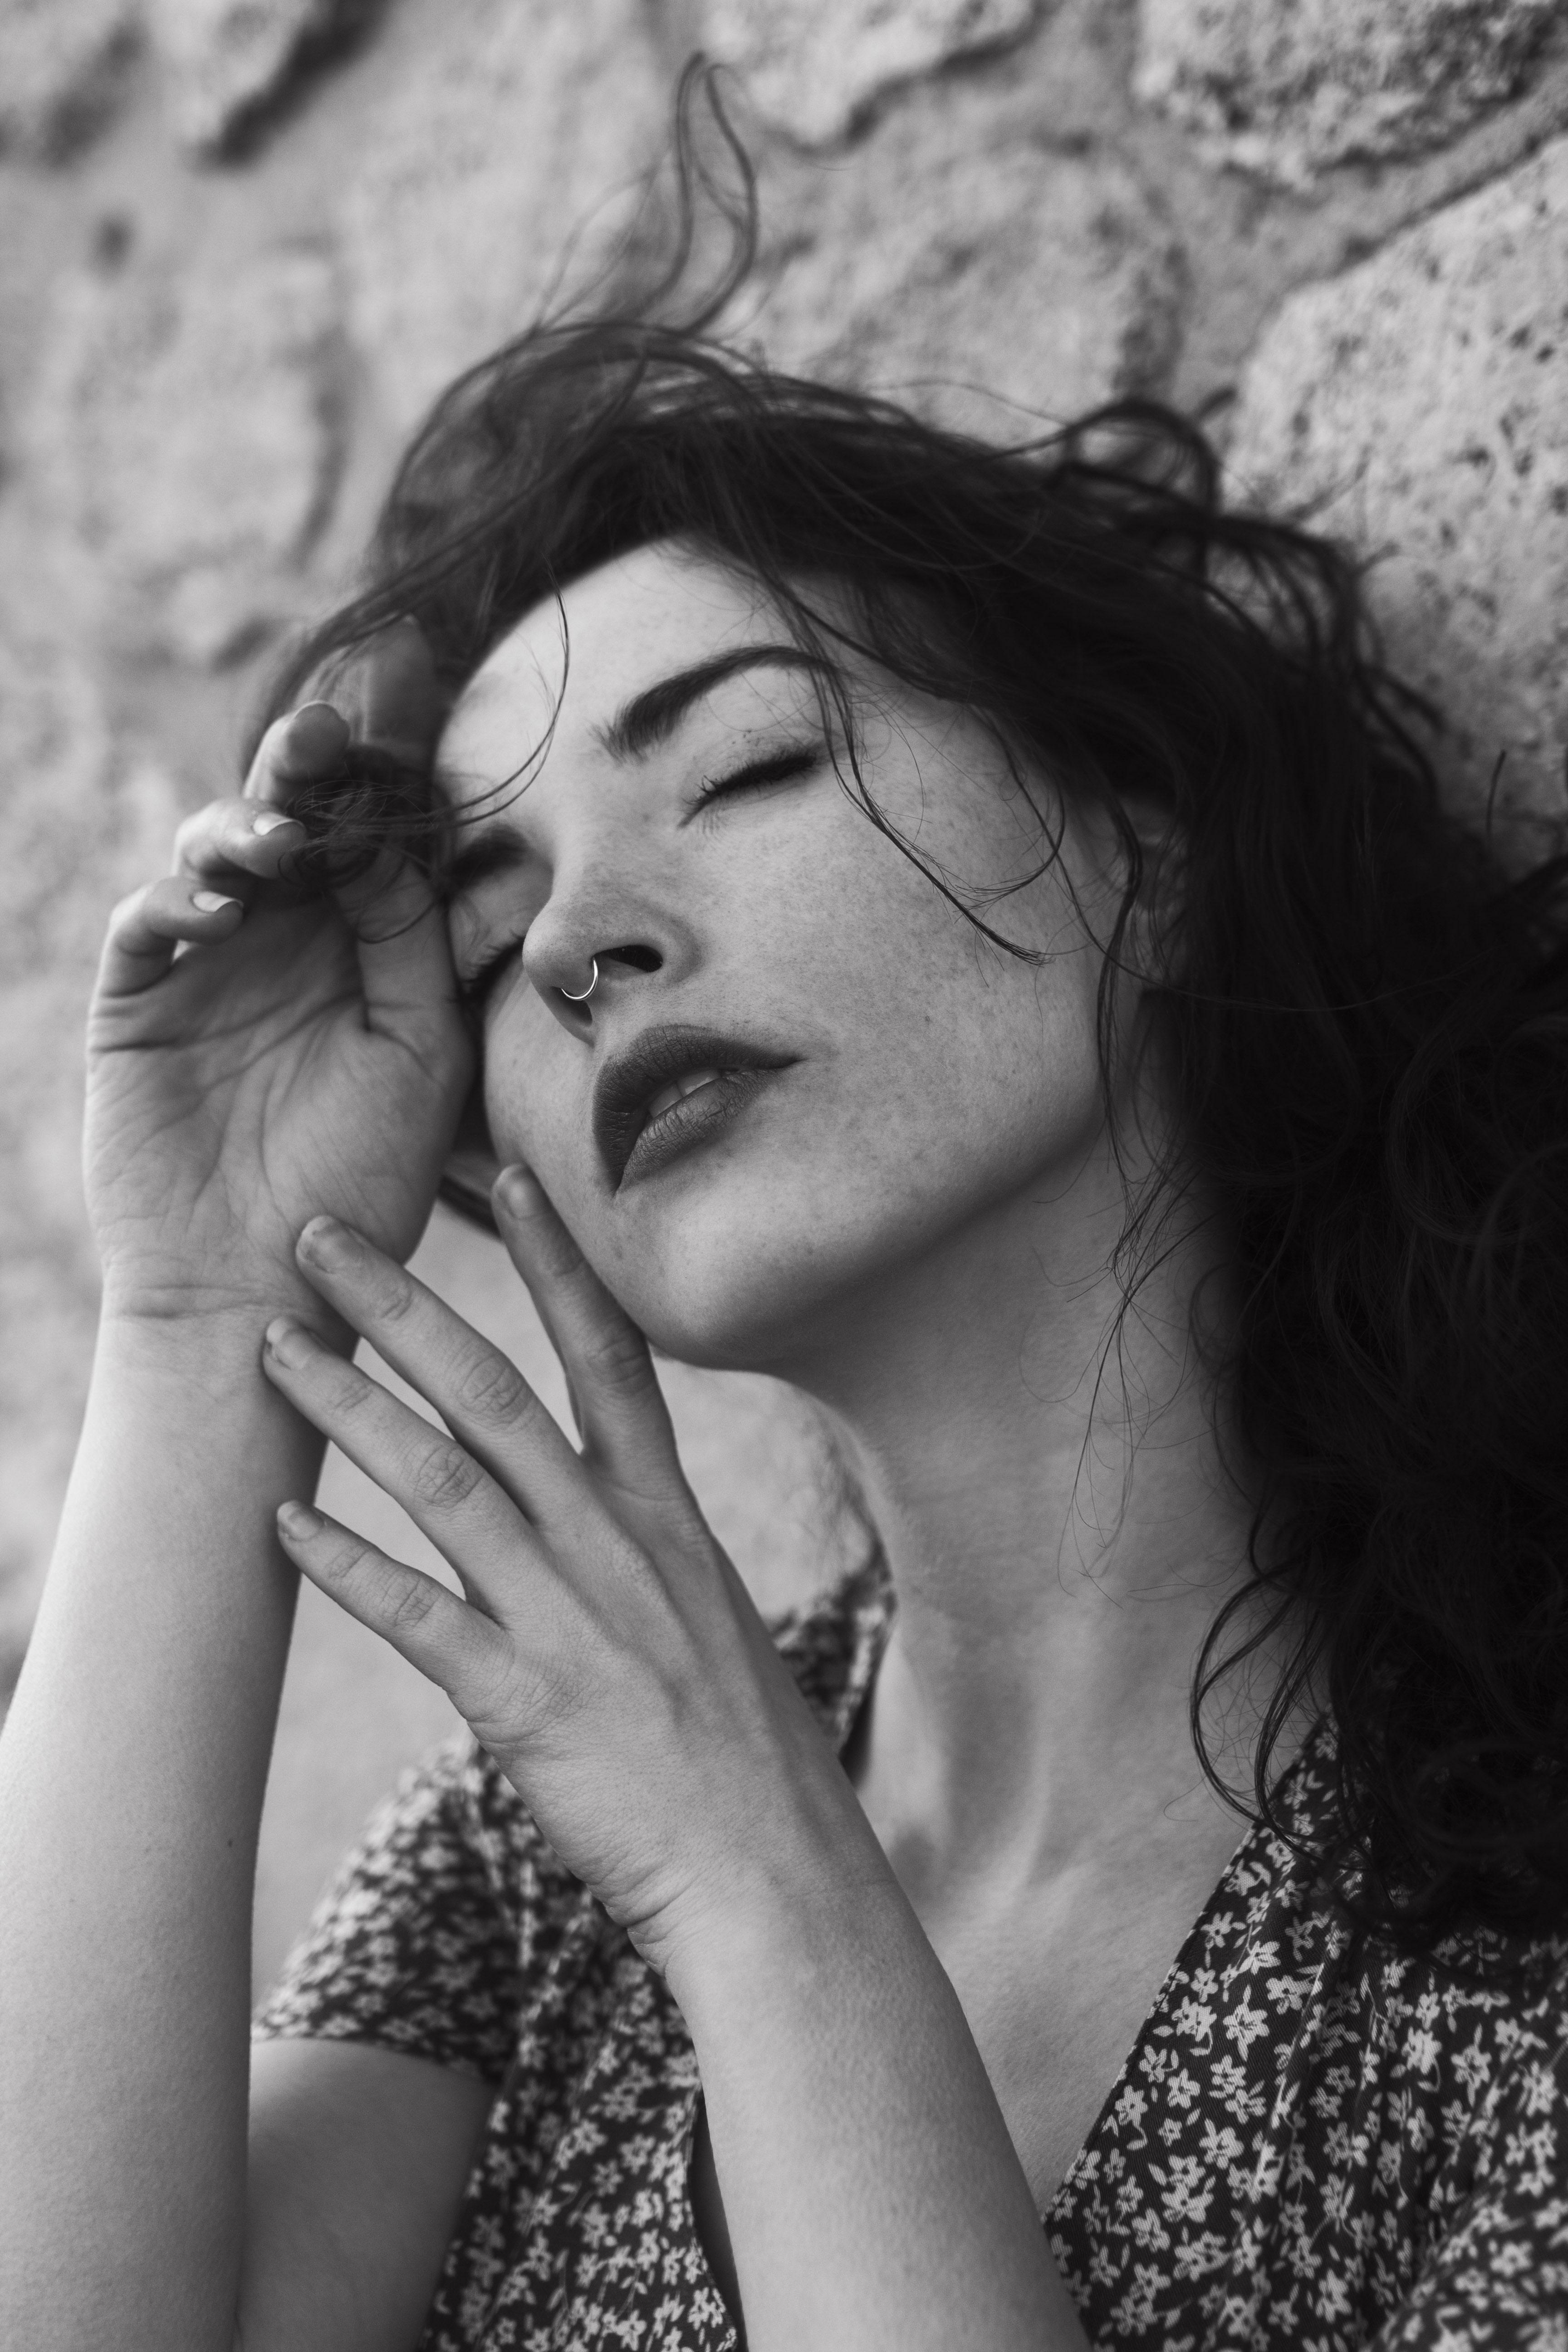 portrait noir et blanc au vent